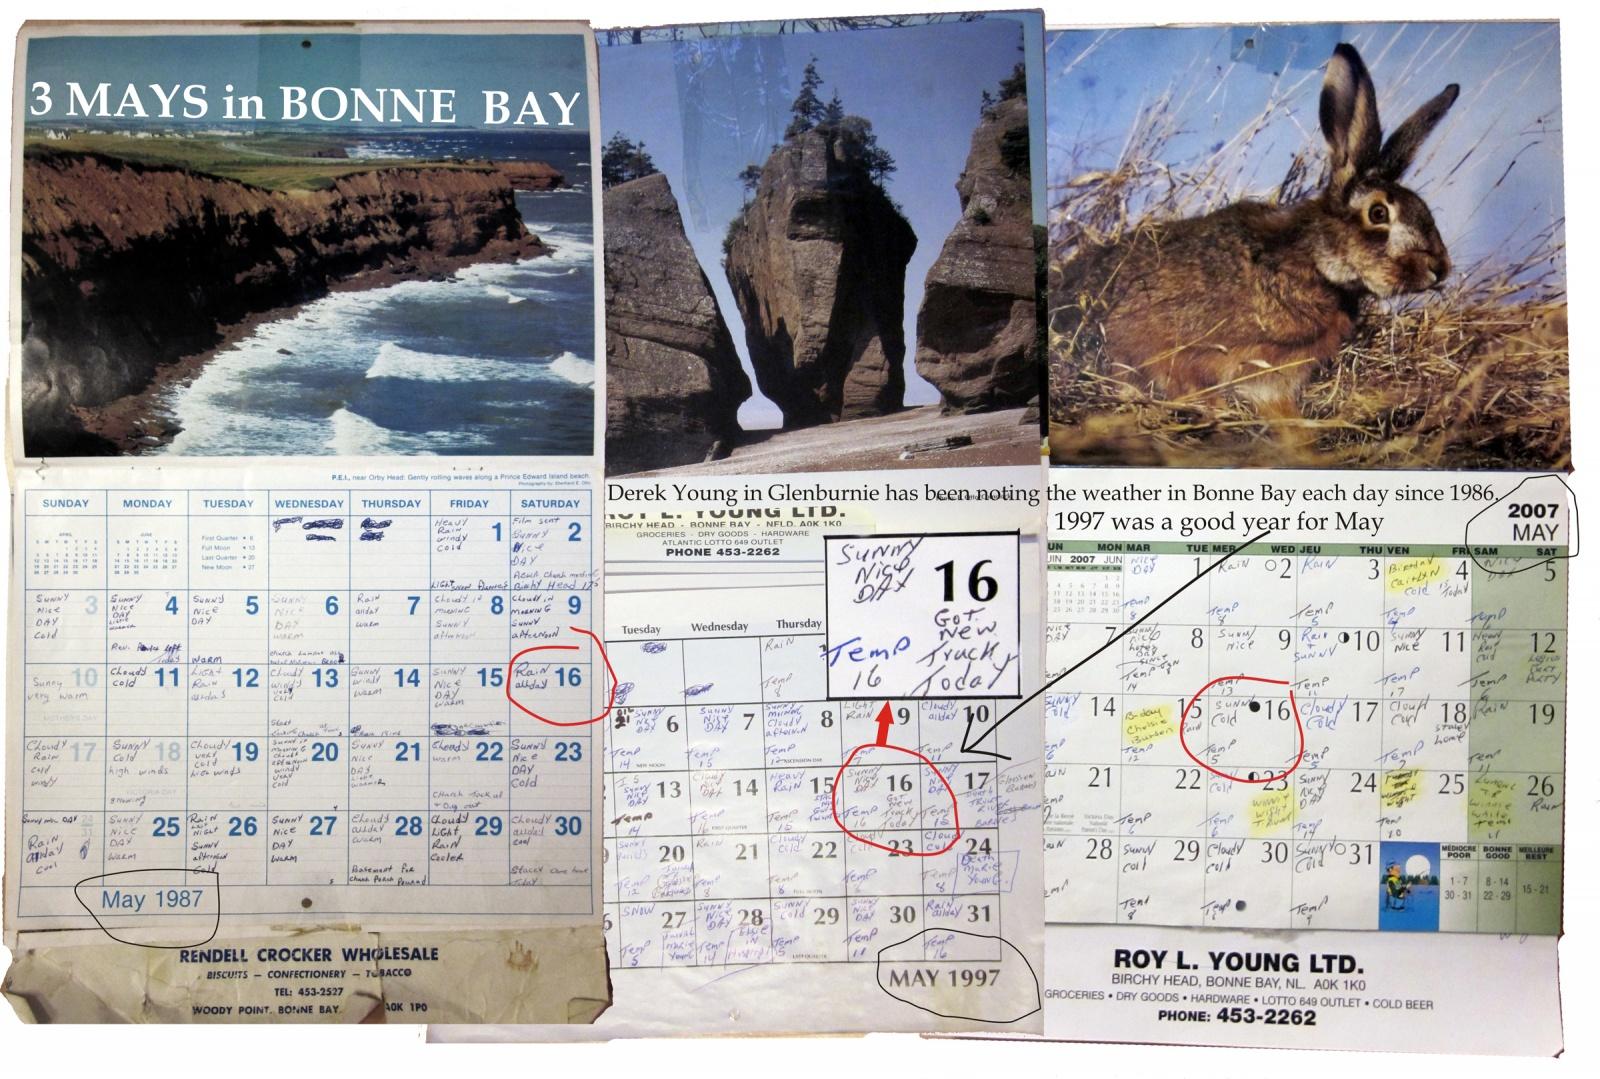 3 Mays in Bonne Bay